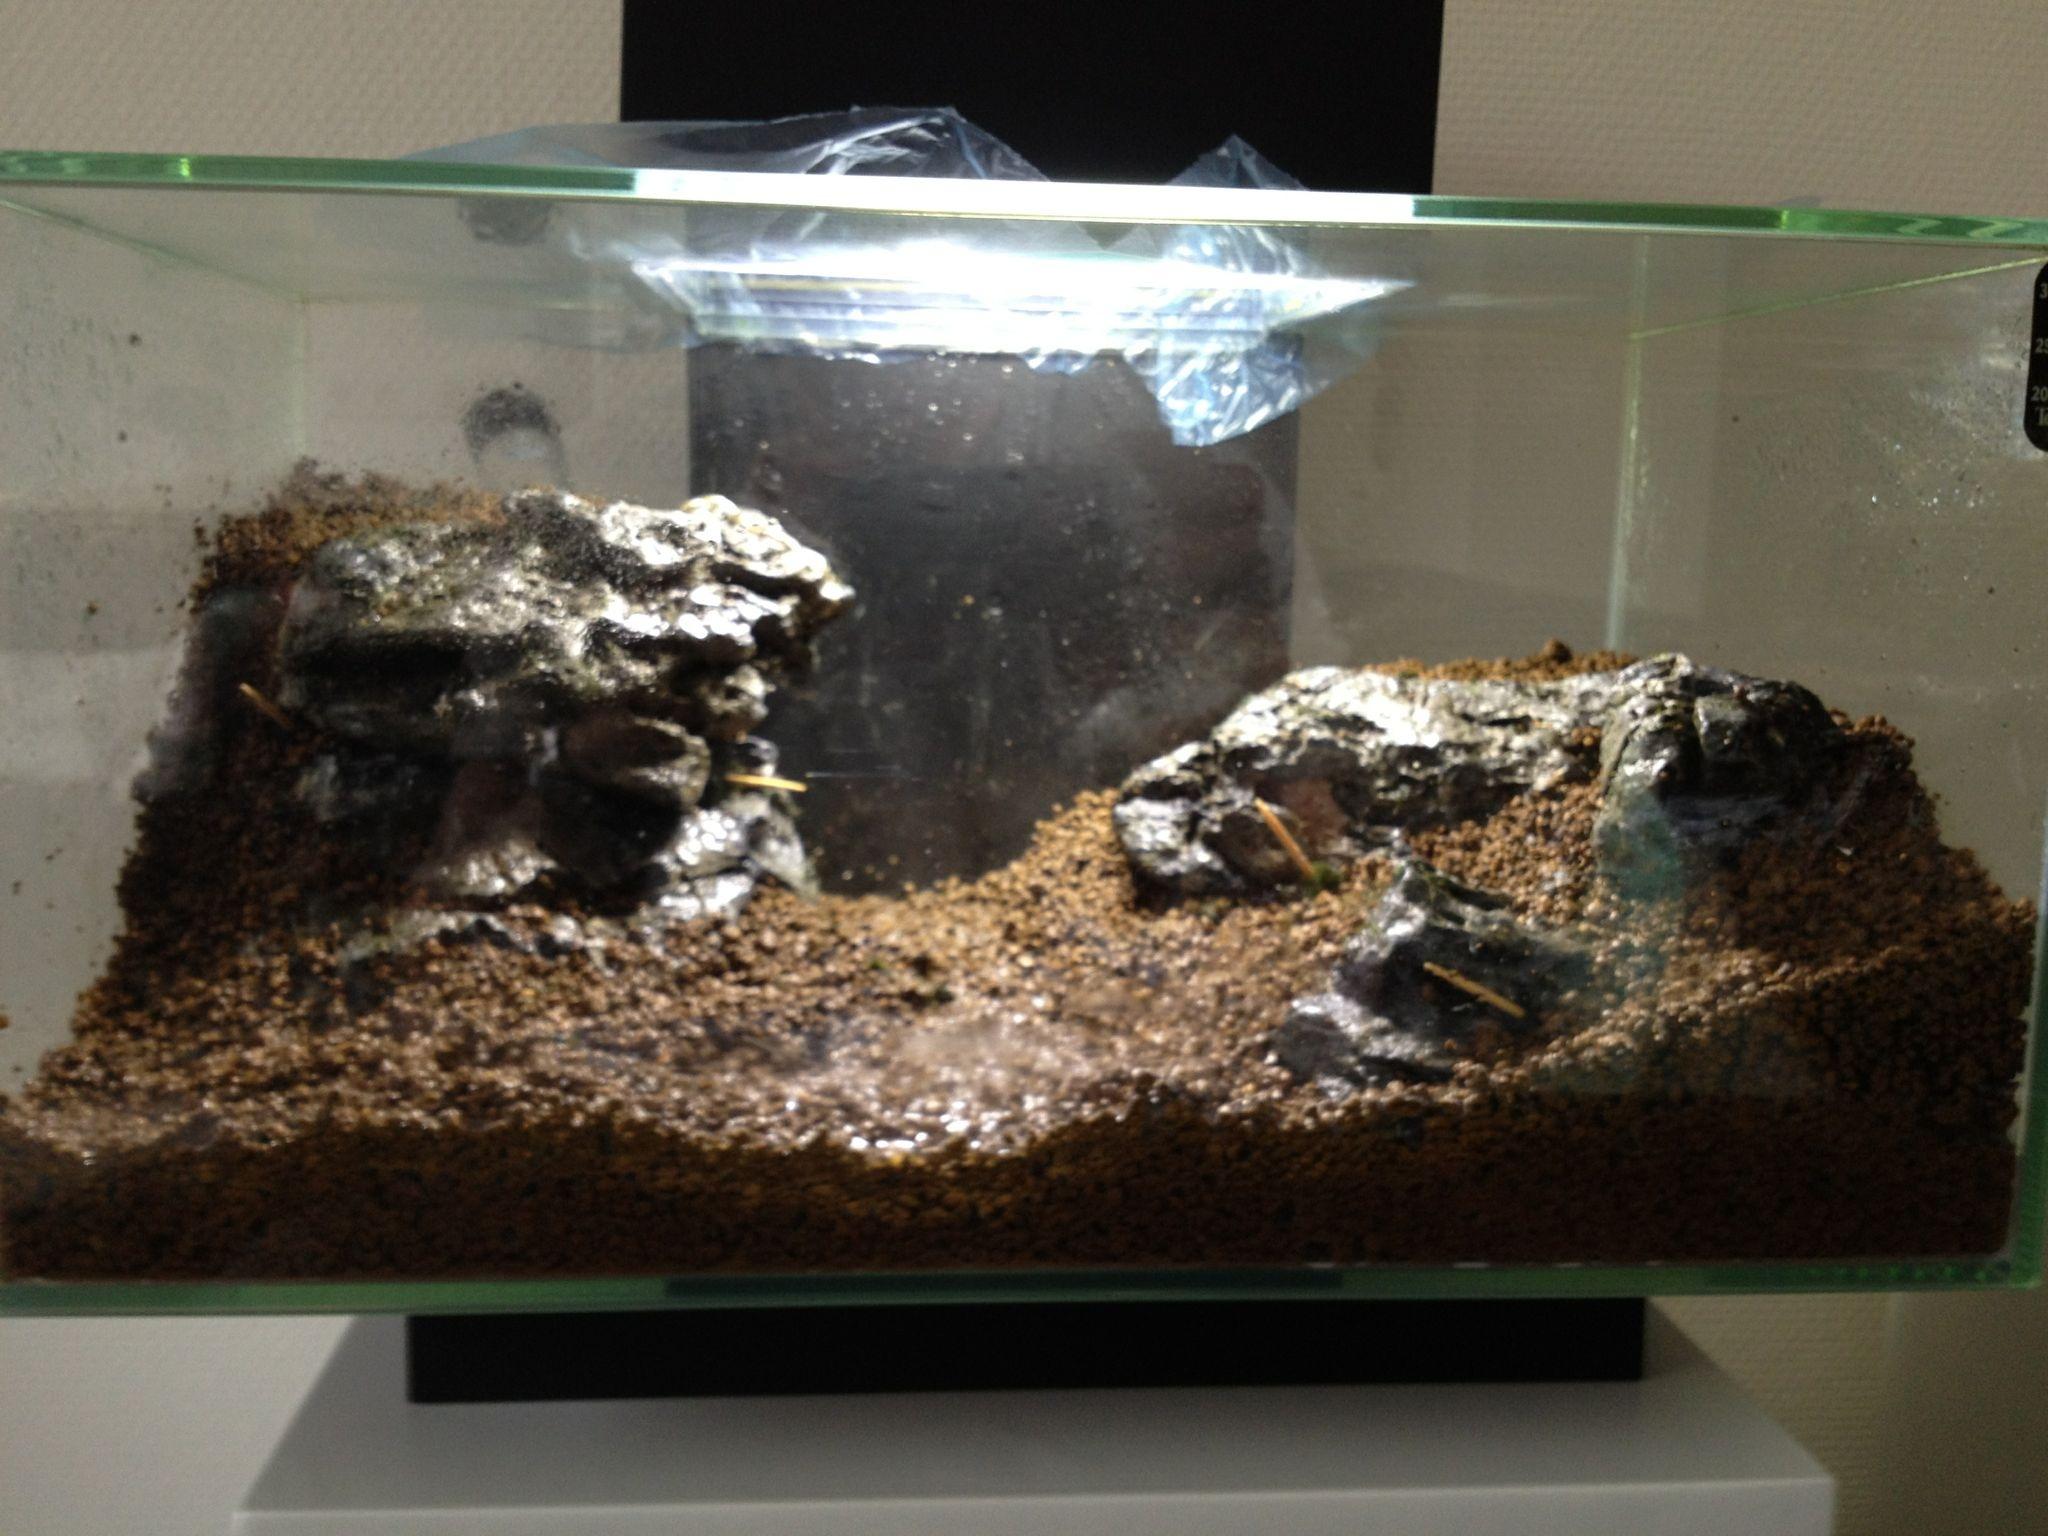 Garnalen aquarium huizen shrimp snails crayfish and other for Aquarium edge